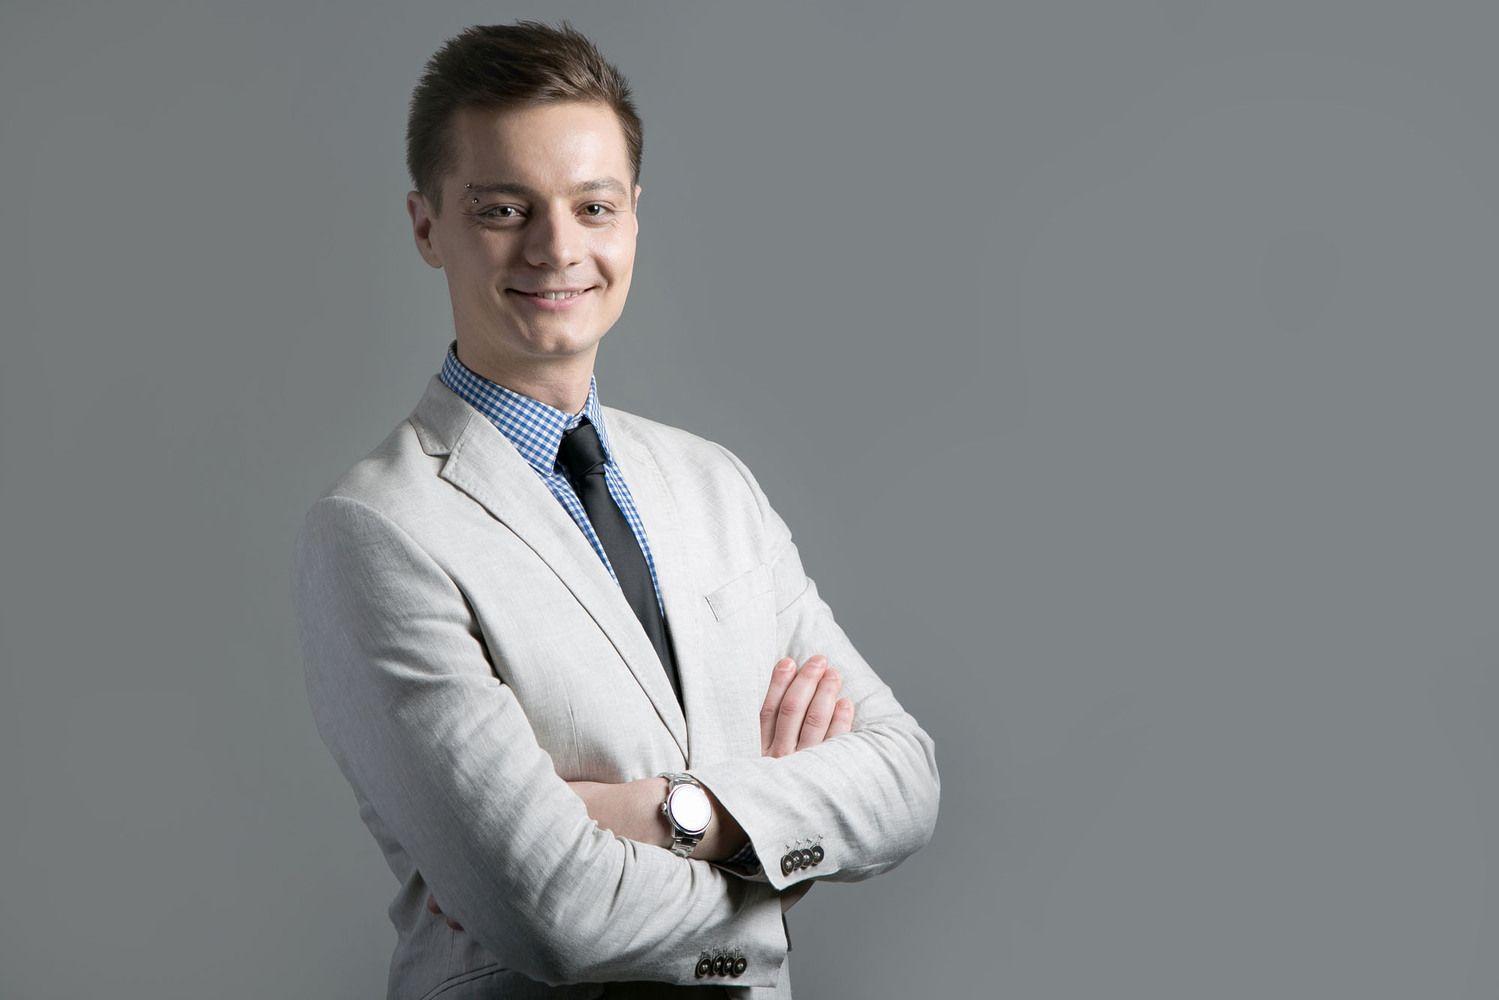 Lietuvos verslas mokosi socialines medijas vertinti rimtai